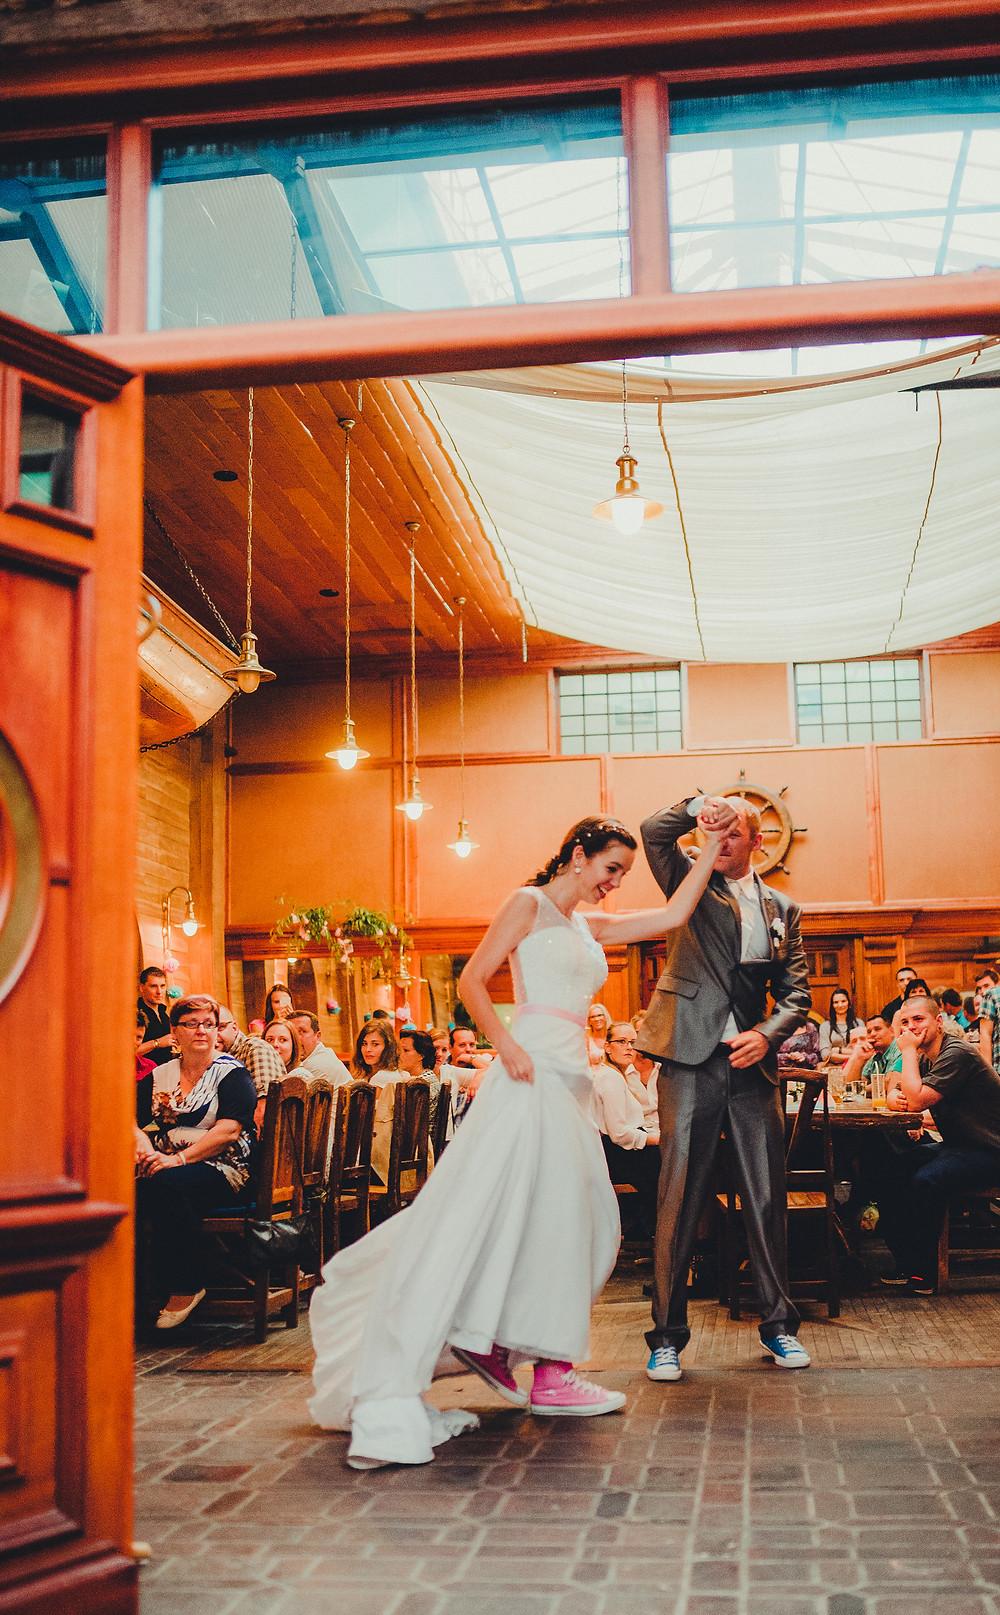 první tanec nevěsty a ženicha